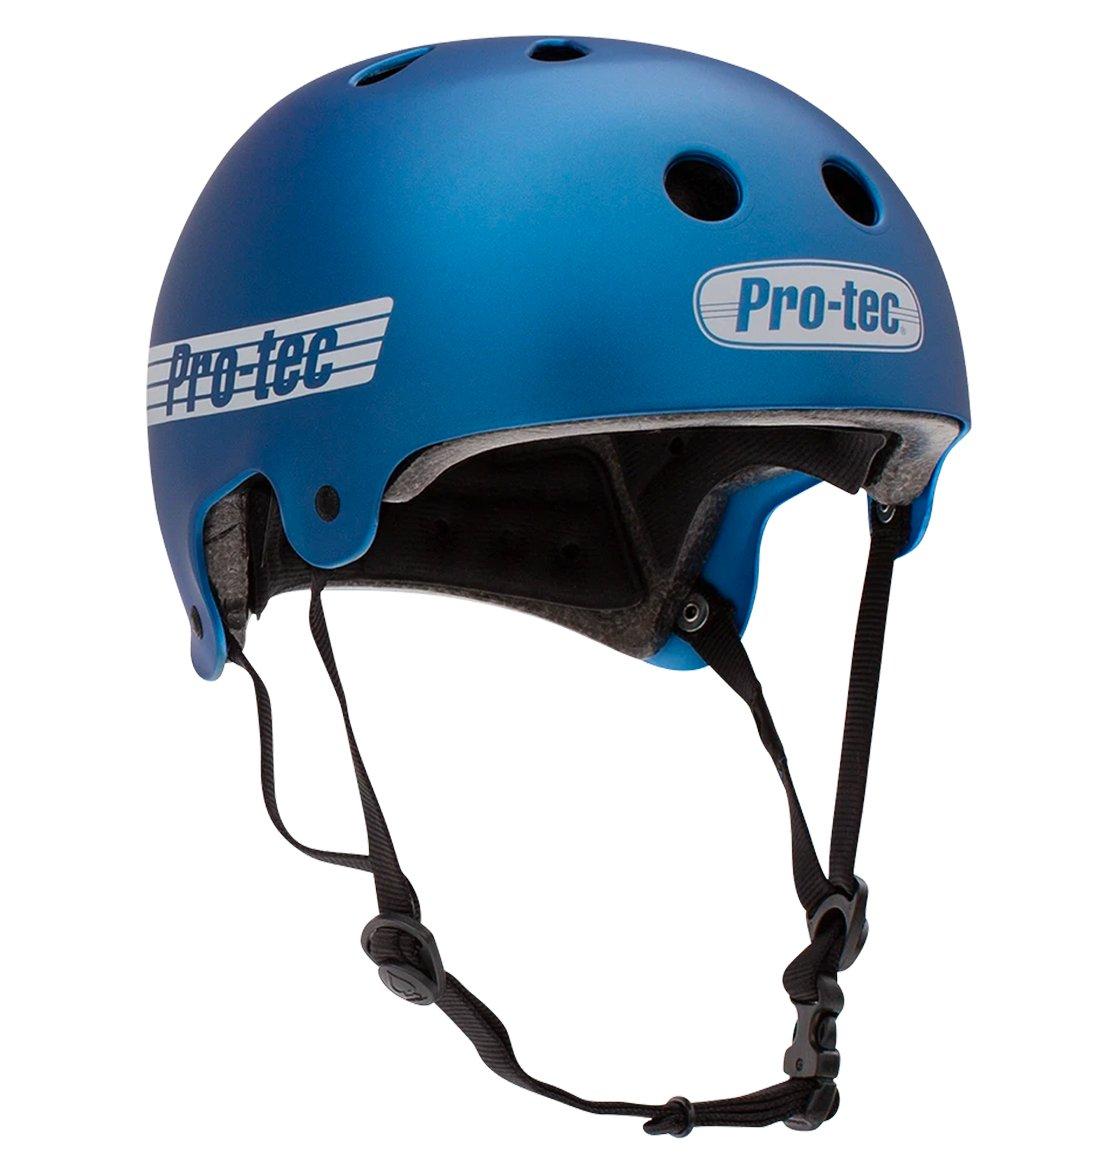 Pro-Tec Old School Certified Skateboard Helmet